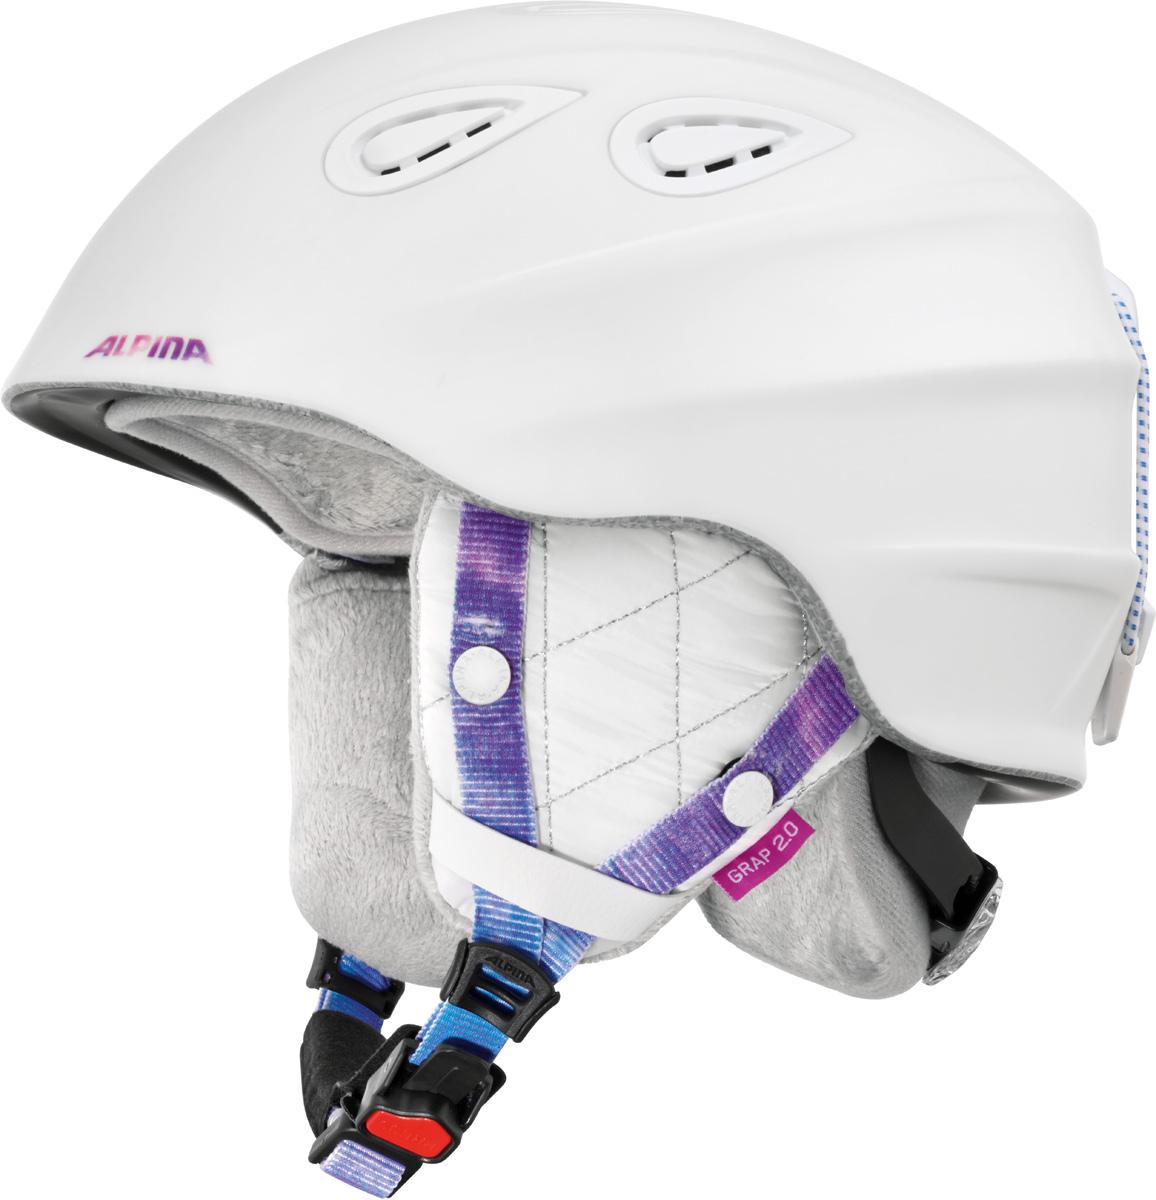 Шлем горнолыжный Alpina Grap 2.0 LE, цвет: белый. A9094_11. Размер 57-61 бензопила alpina серия black a 4500 18